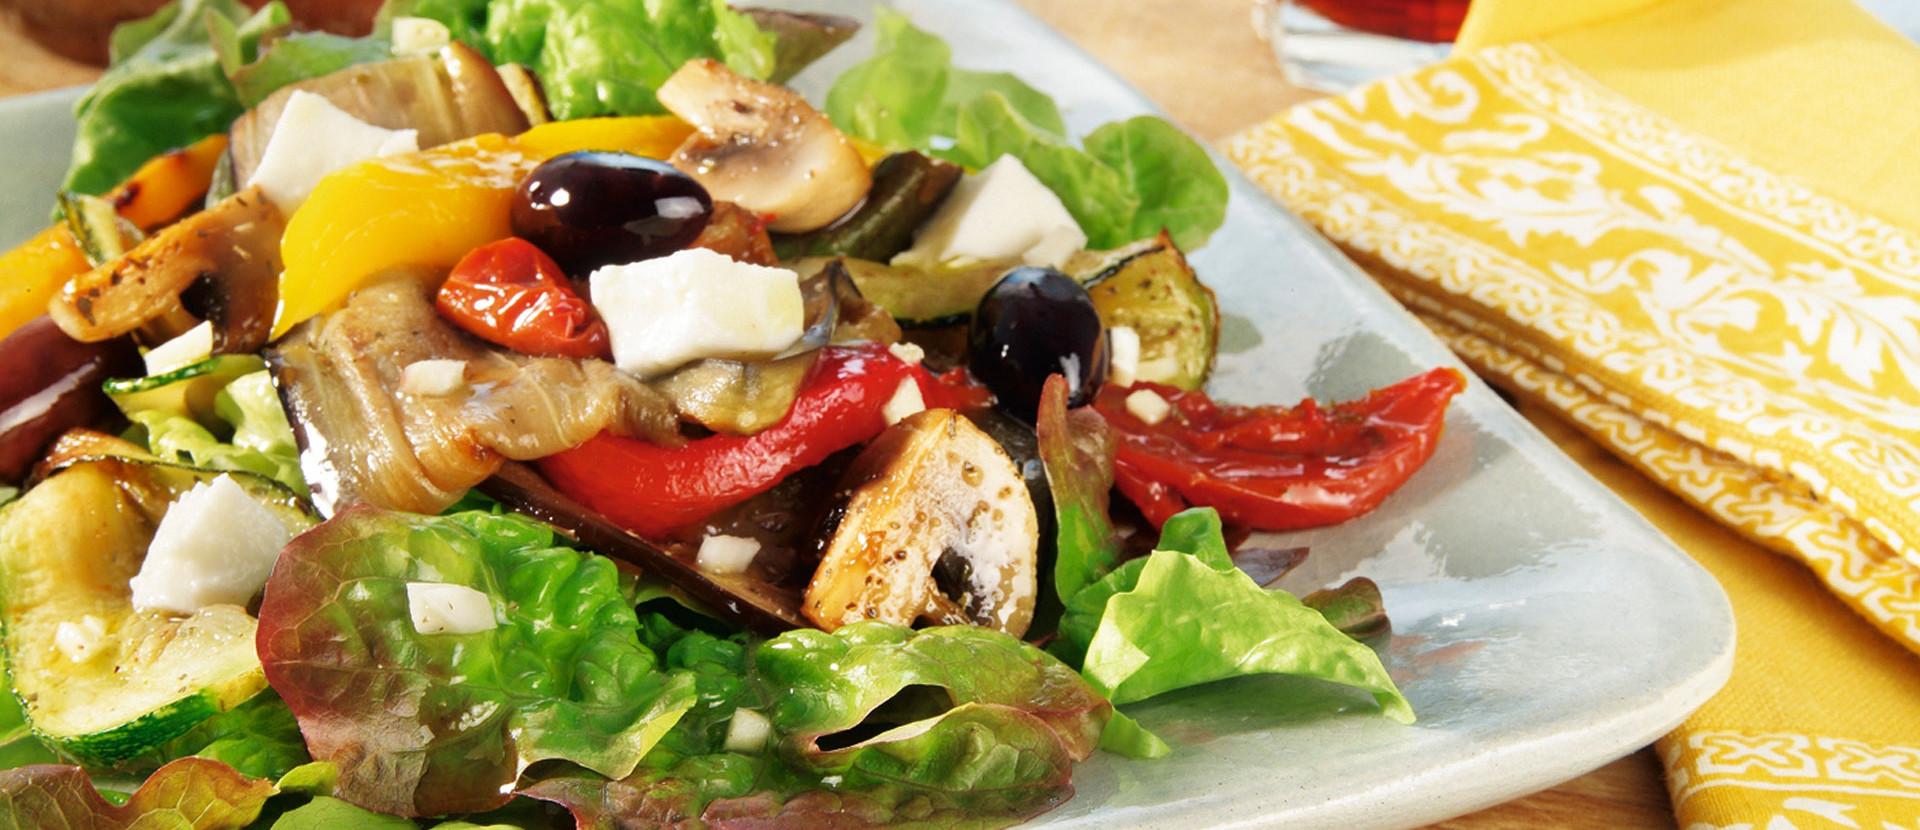 Italienischer Antipasti-Salat